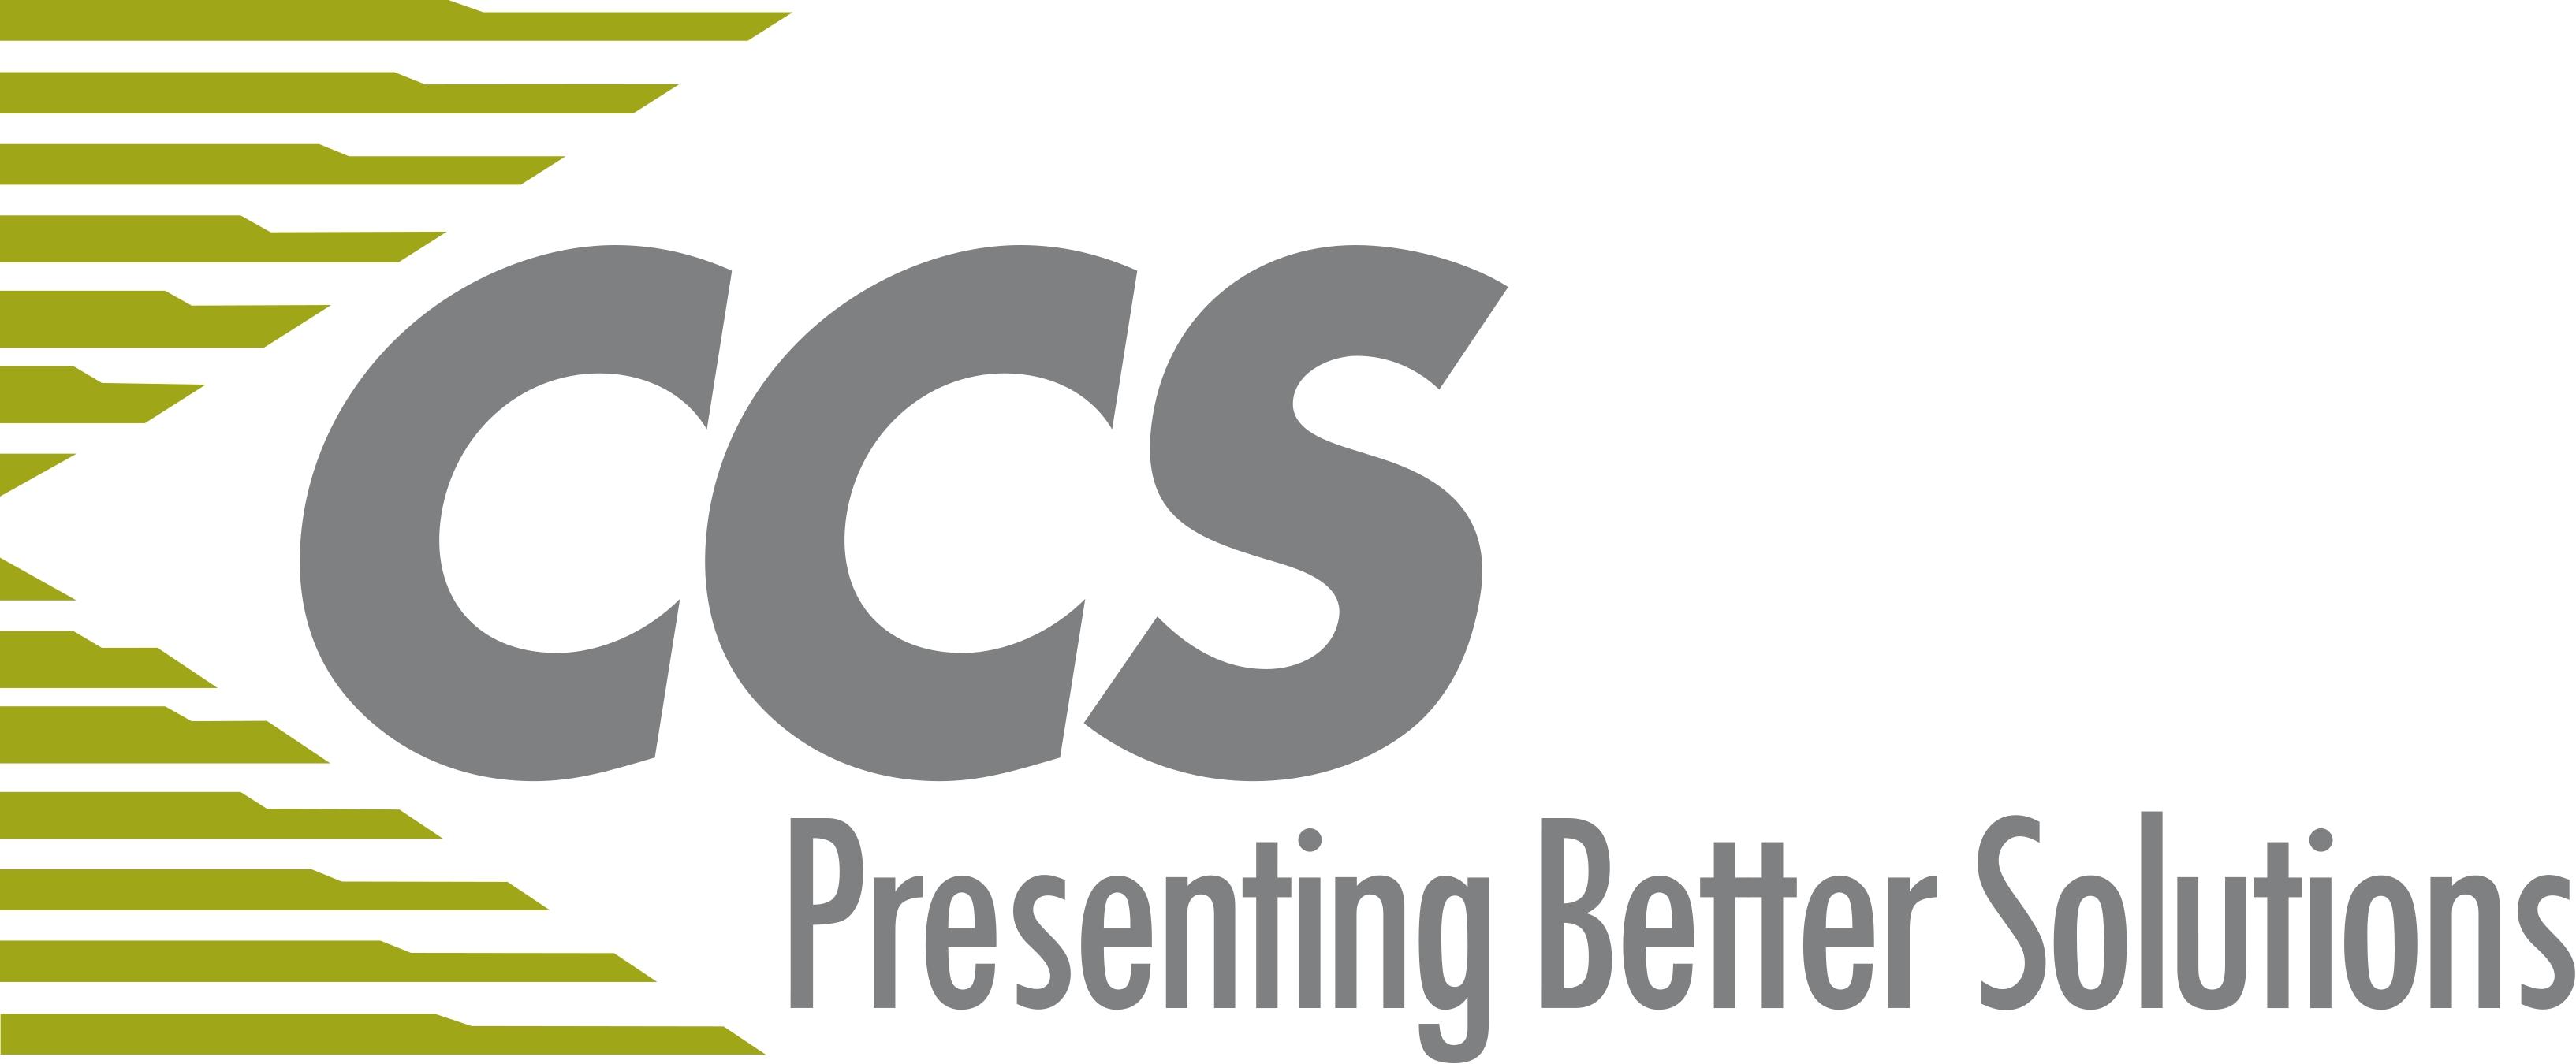 ccs-logo-20102-1